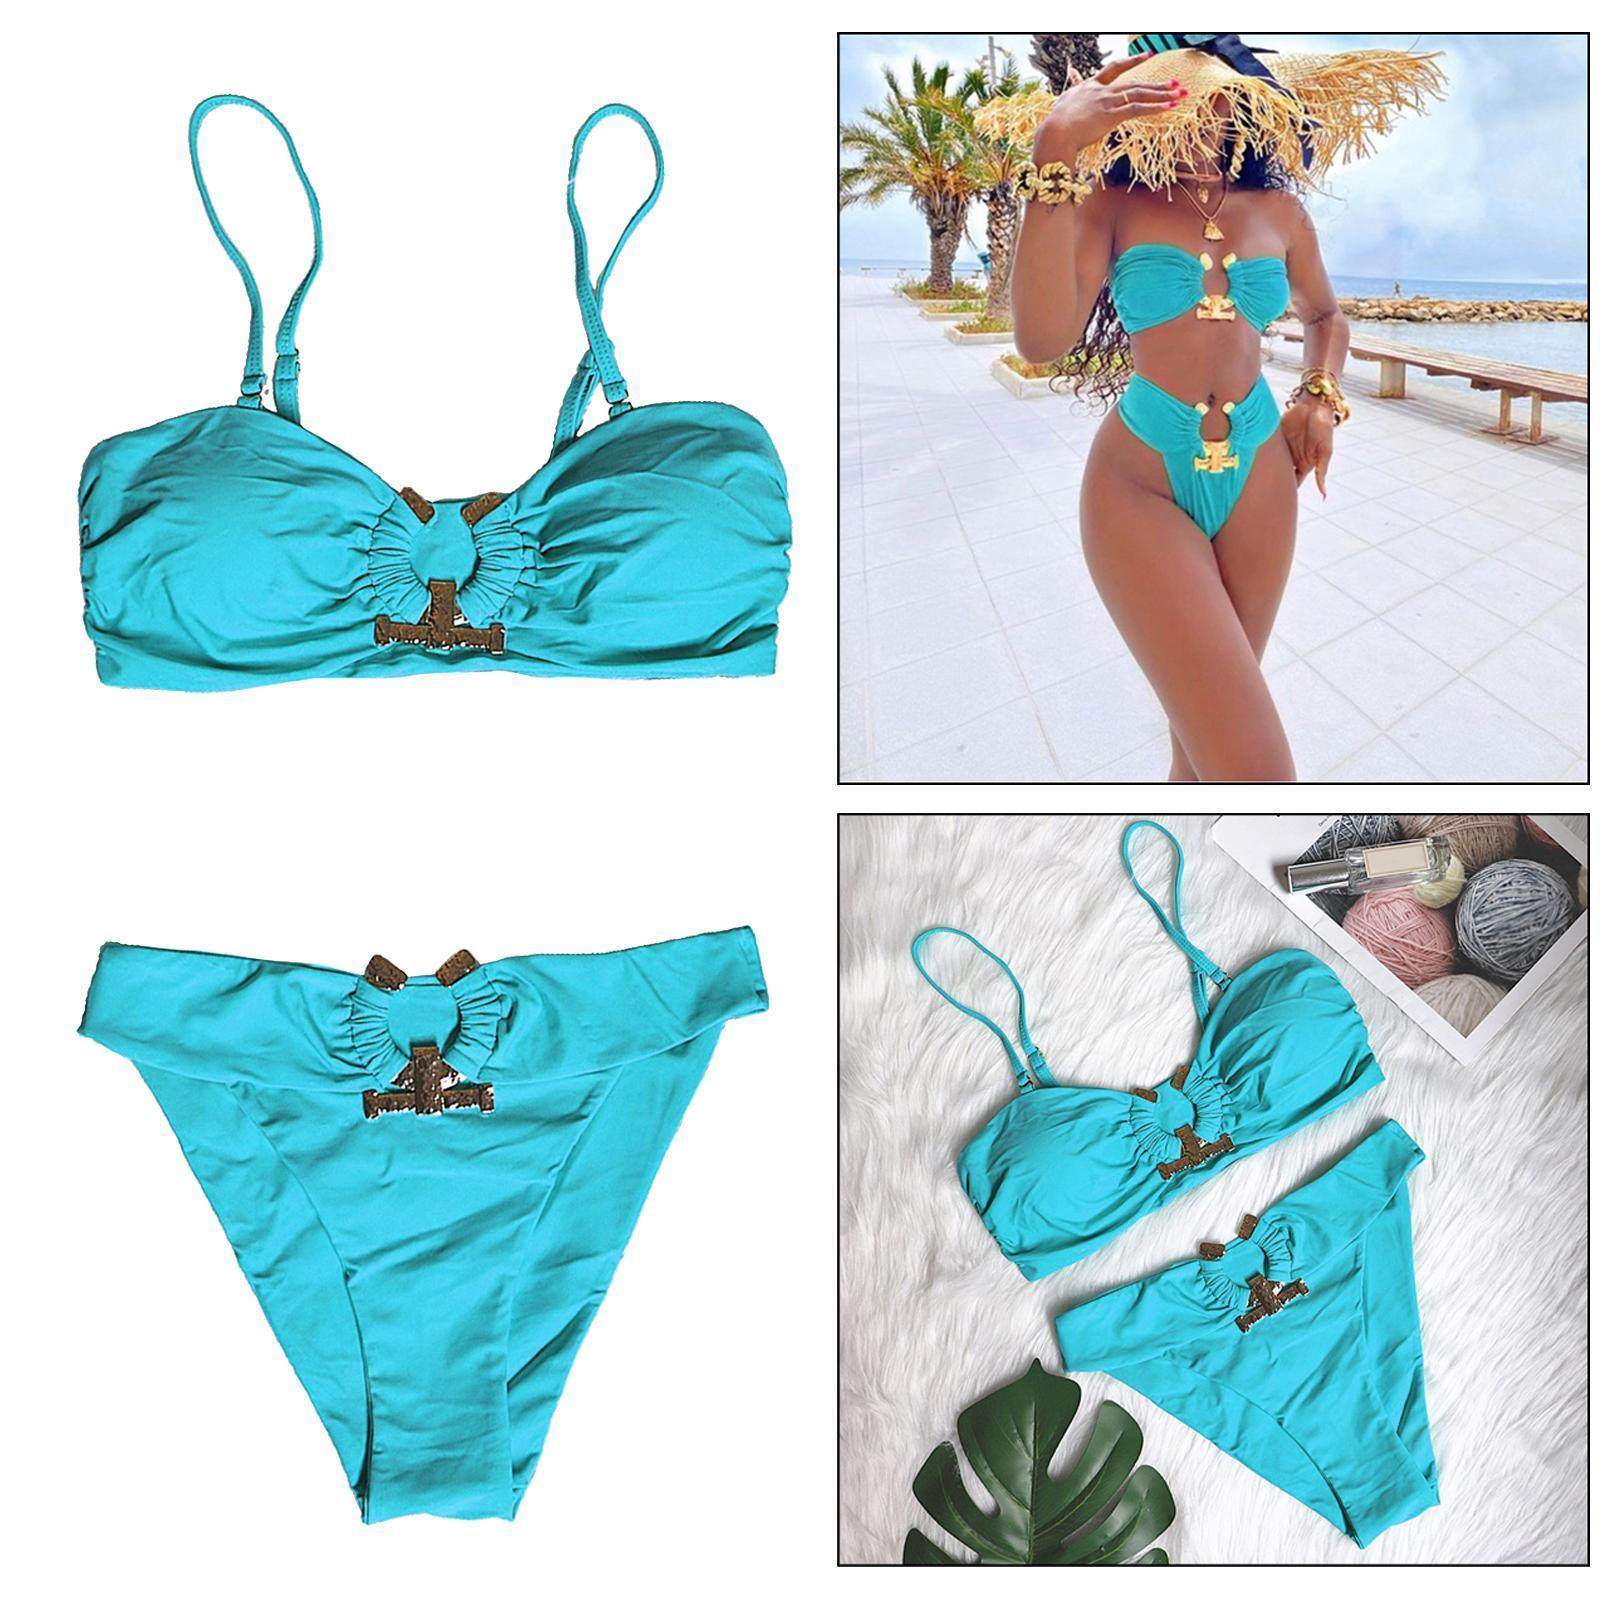 Indexbild 134 - Zwei Stücke Bikini Set Strappy Bademode Party Badeanzug Tankini Bademode